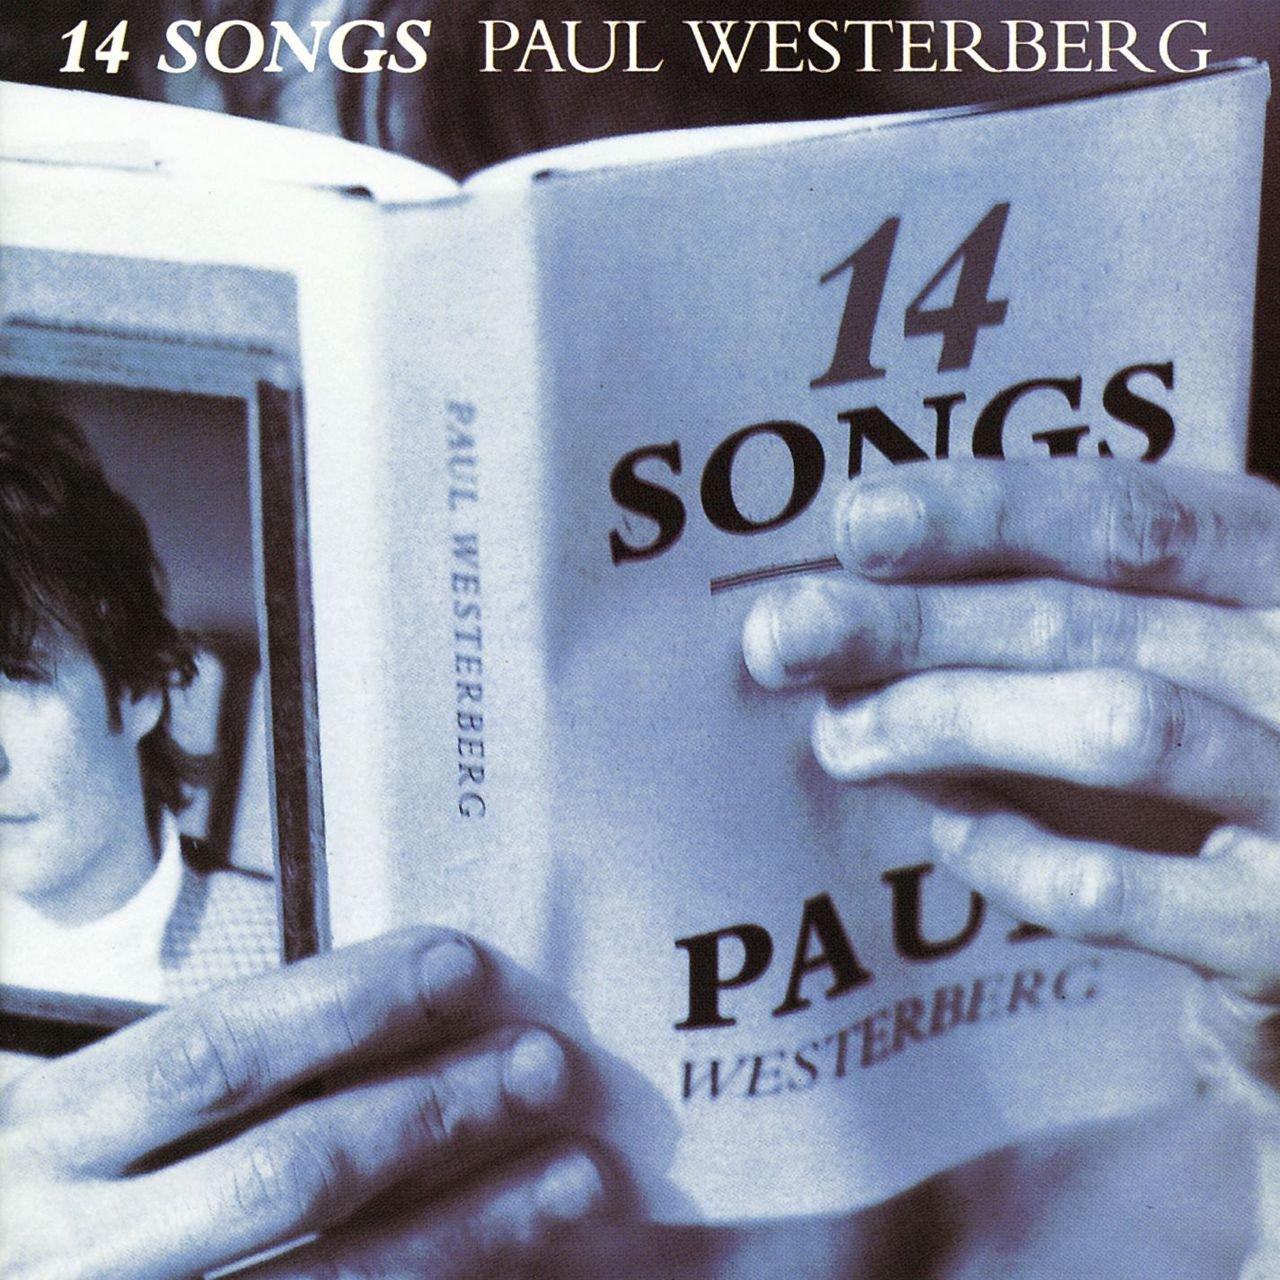 14 Songs Paul Westerberg